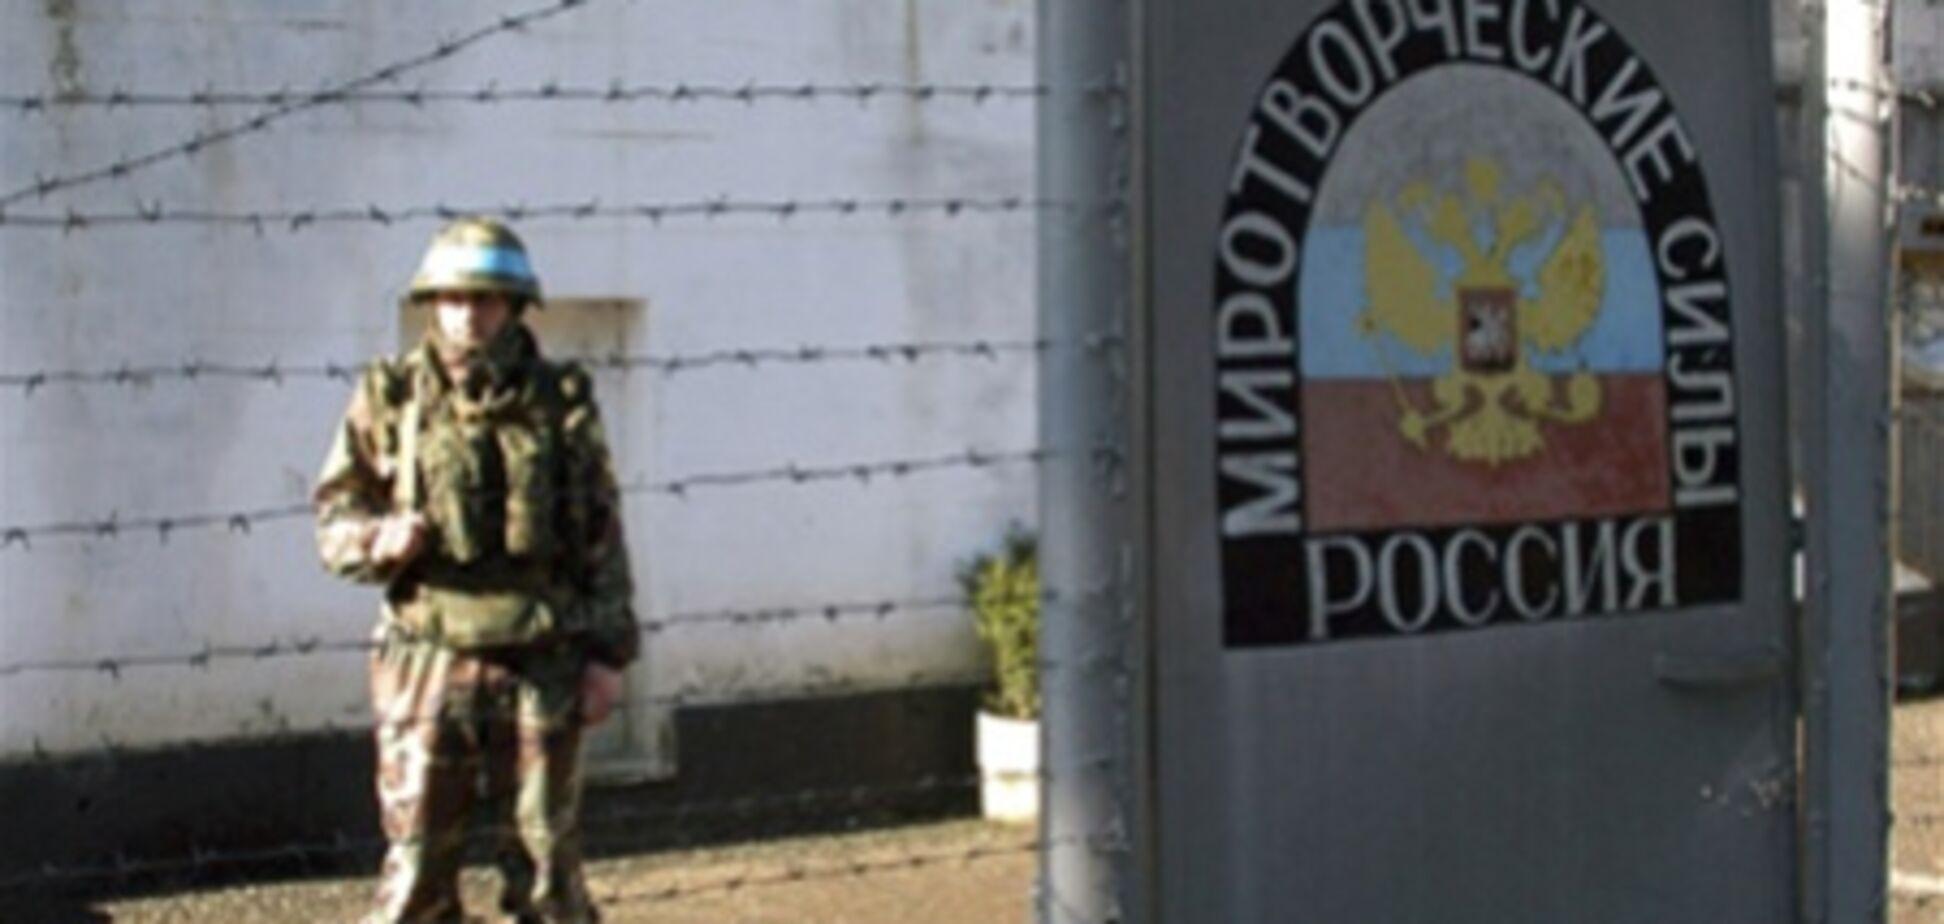 Сотні громадян Молдови вимагають виведення російських миротворців